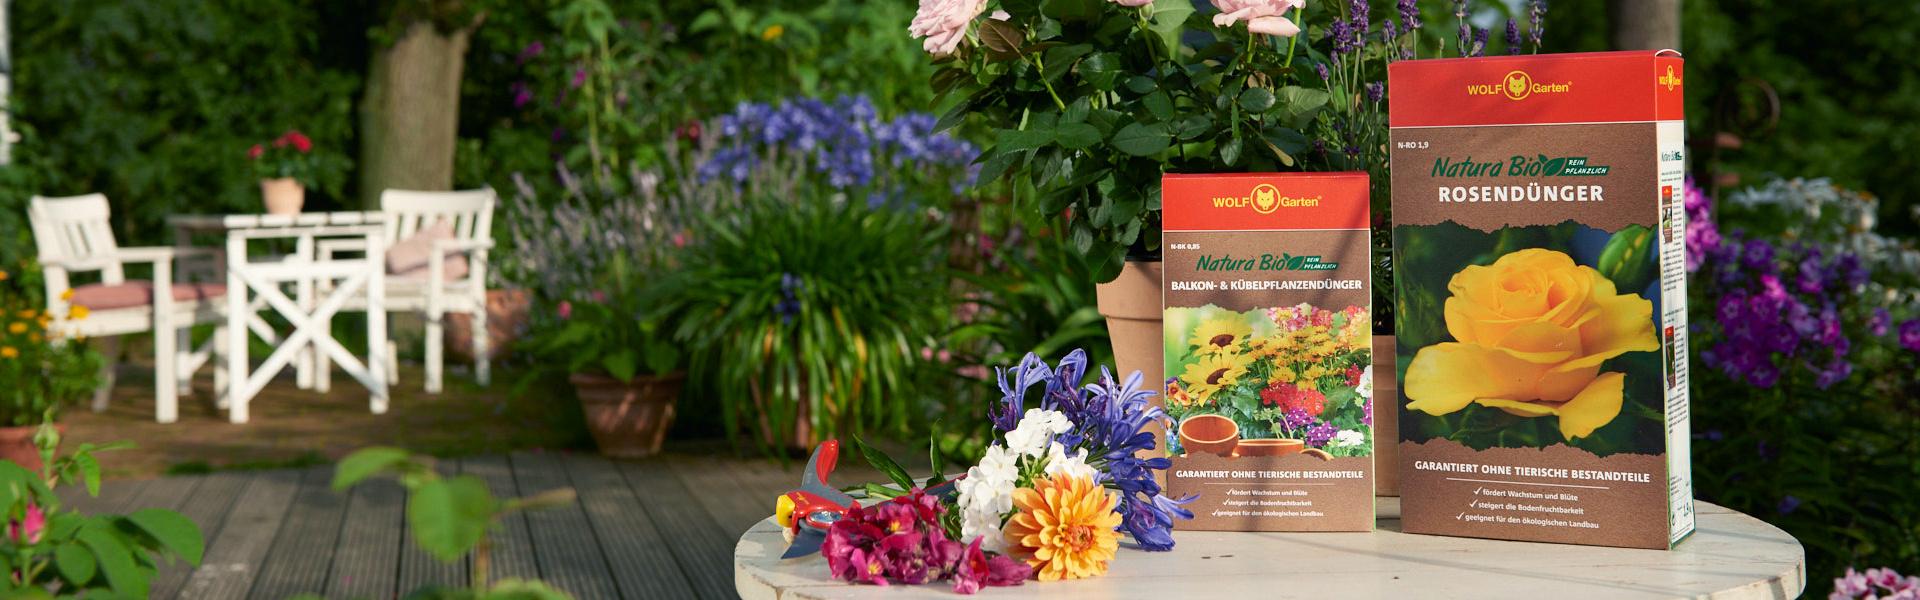 Graszaad & Meststoffen ǀ WOLF-Garten